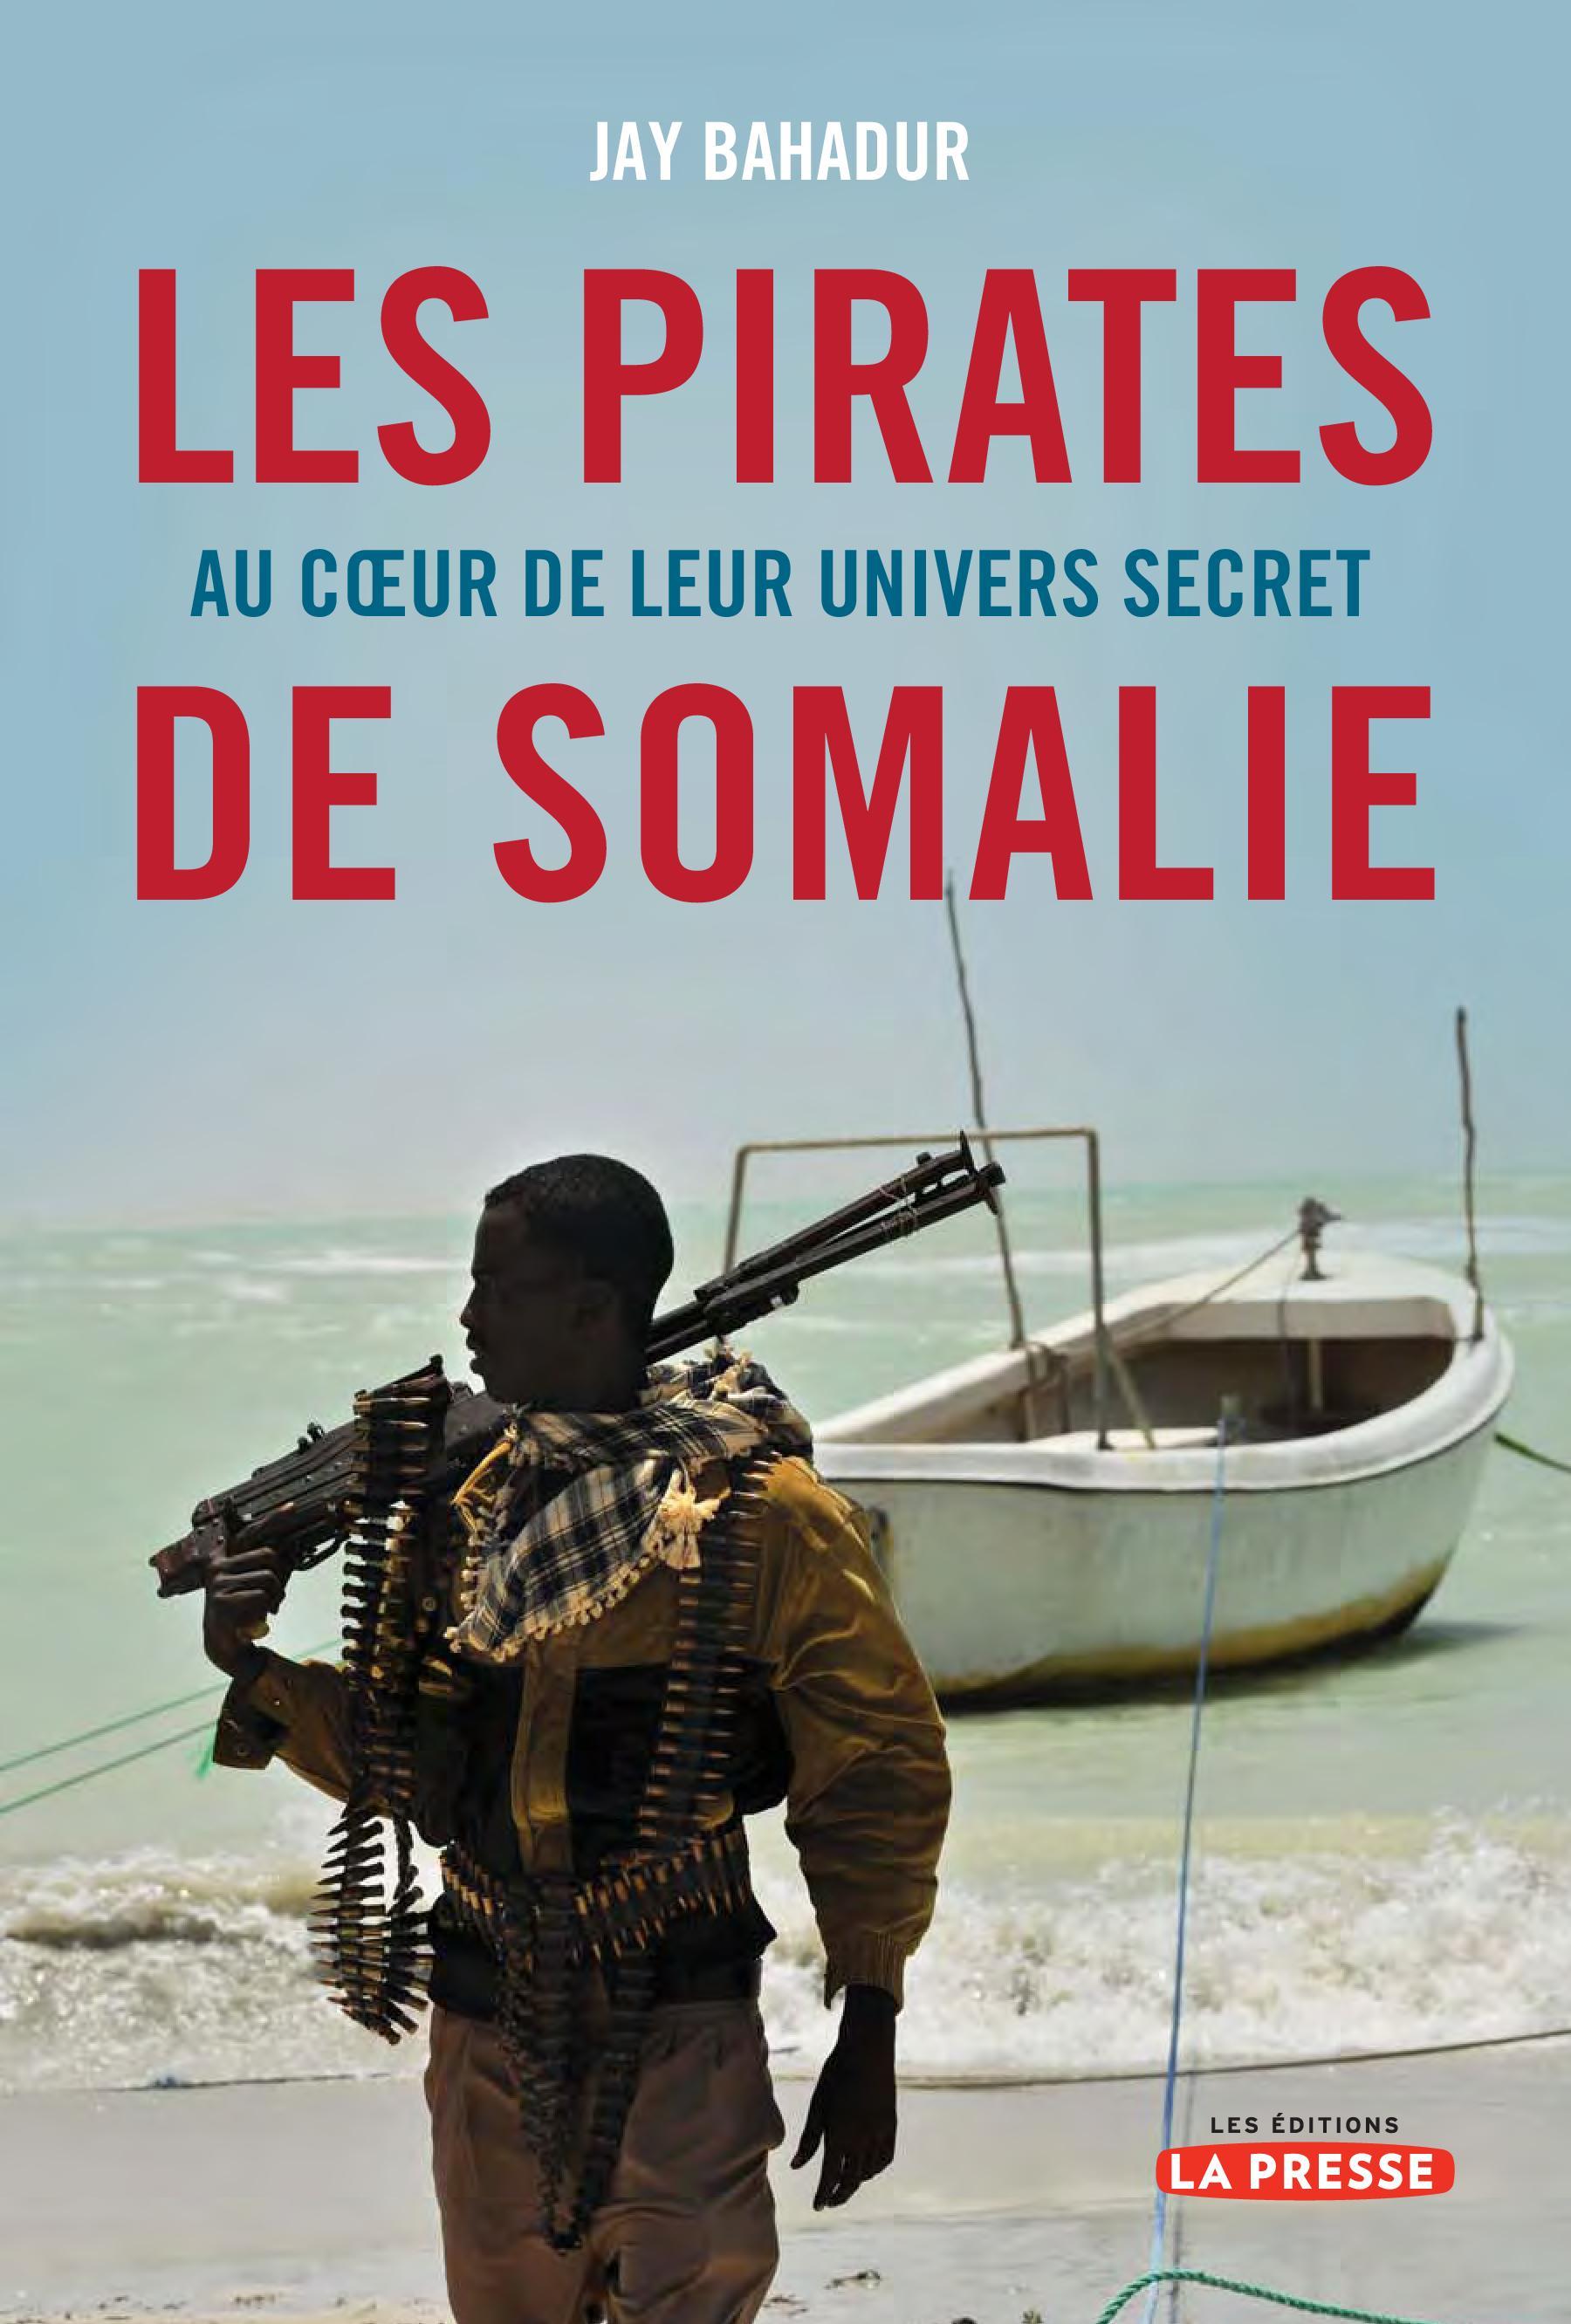 Les pirates de Somalie